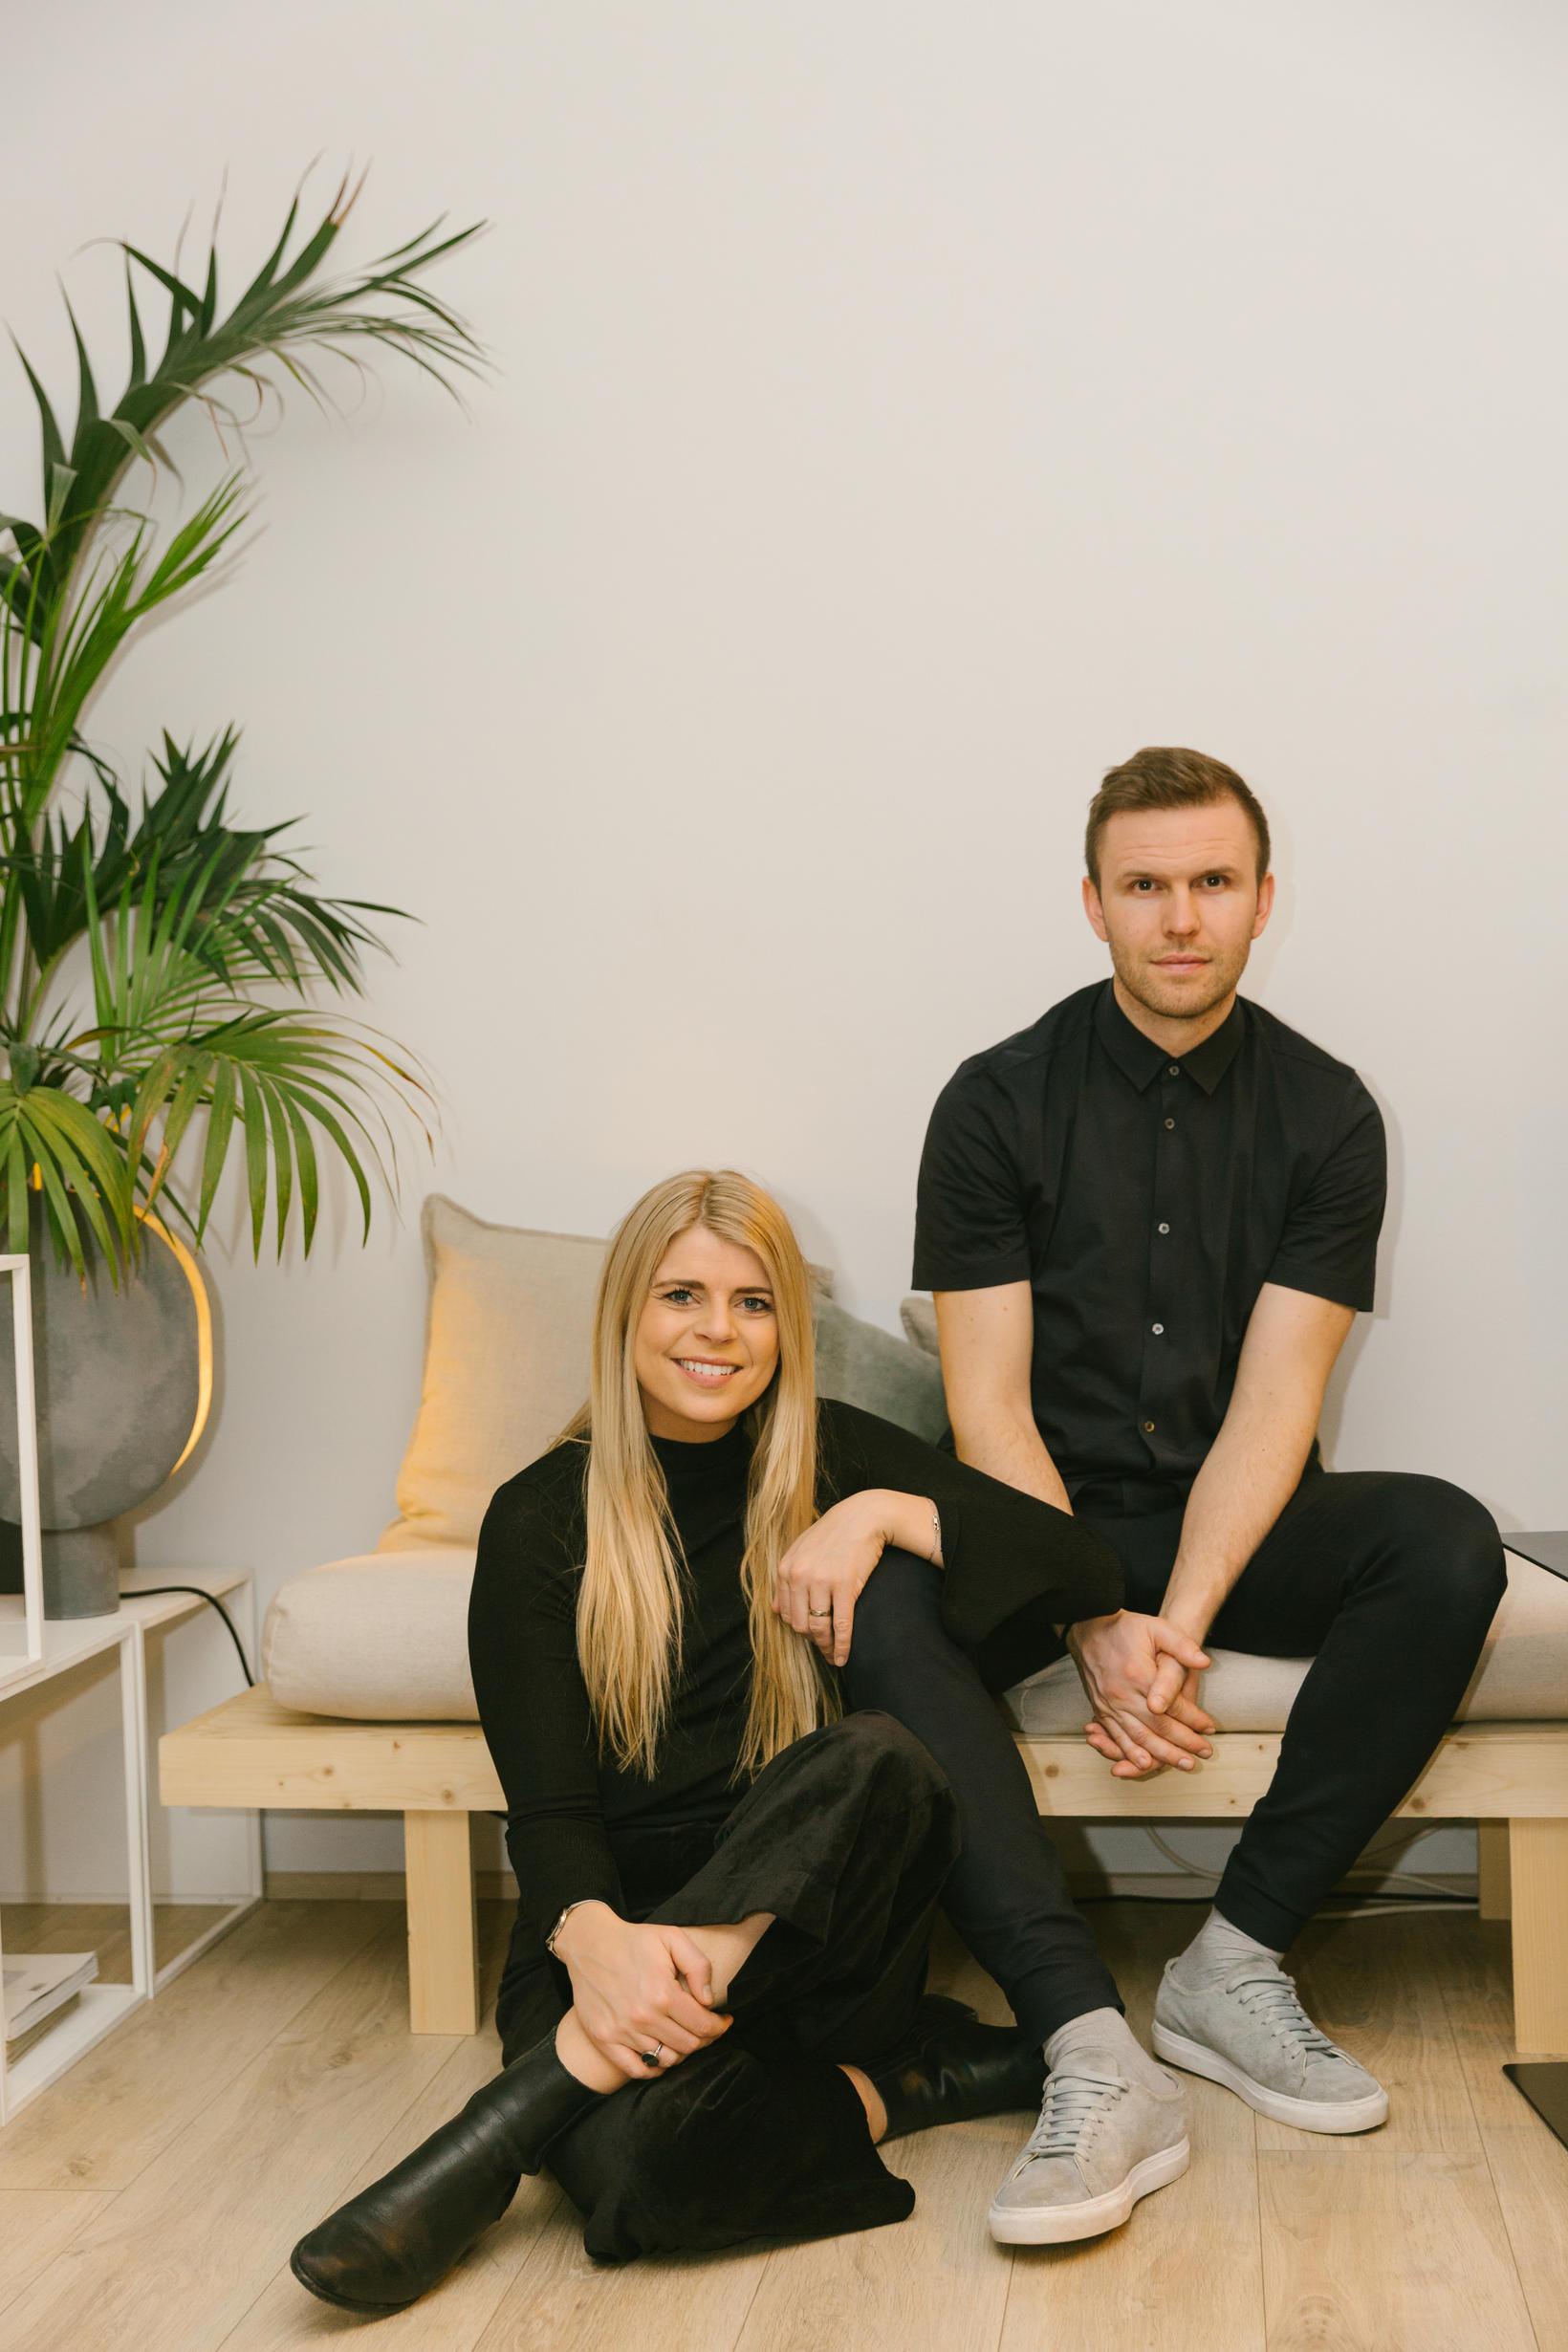 Hjónin, Rebekka og Ellert, standa á bak við hönnunarstúdíóið FORMER.